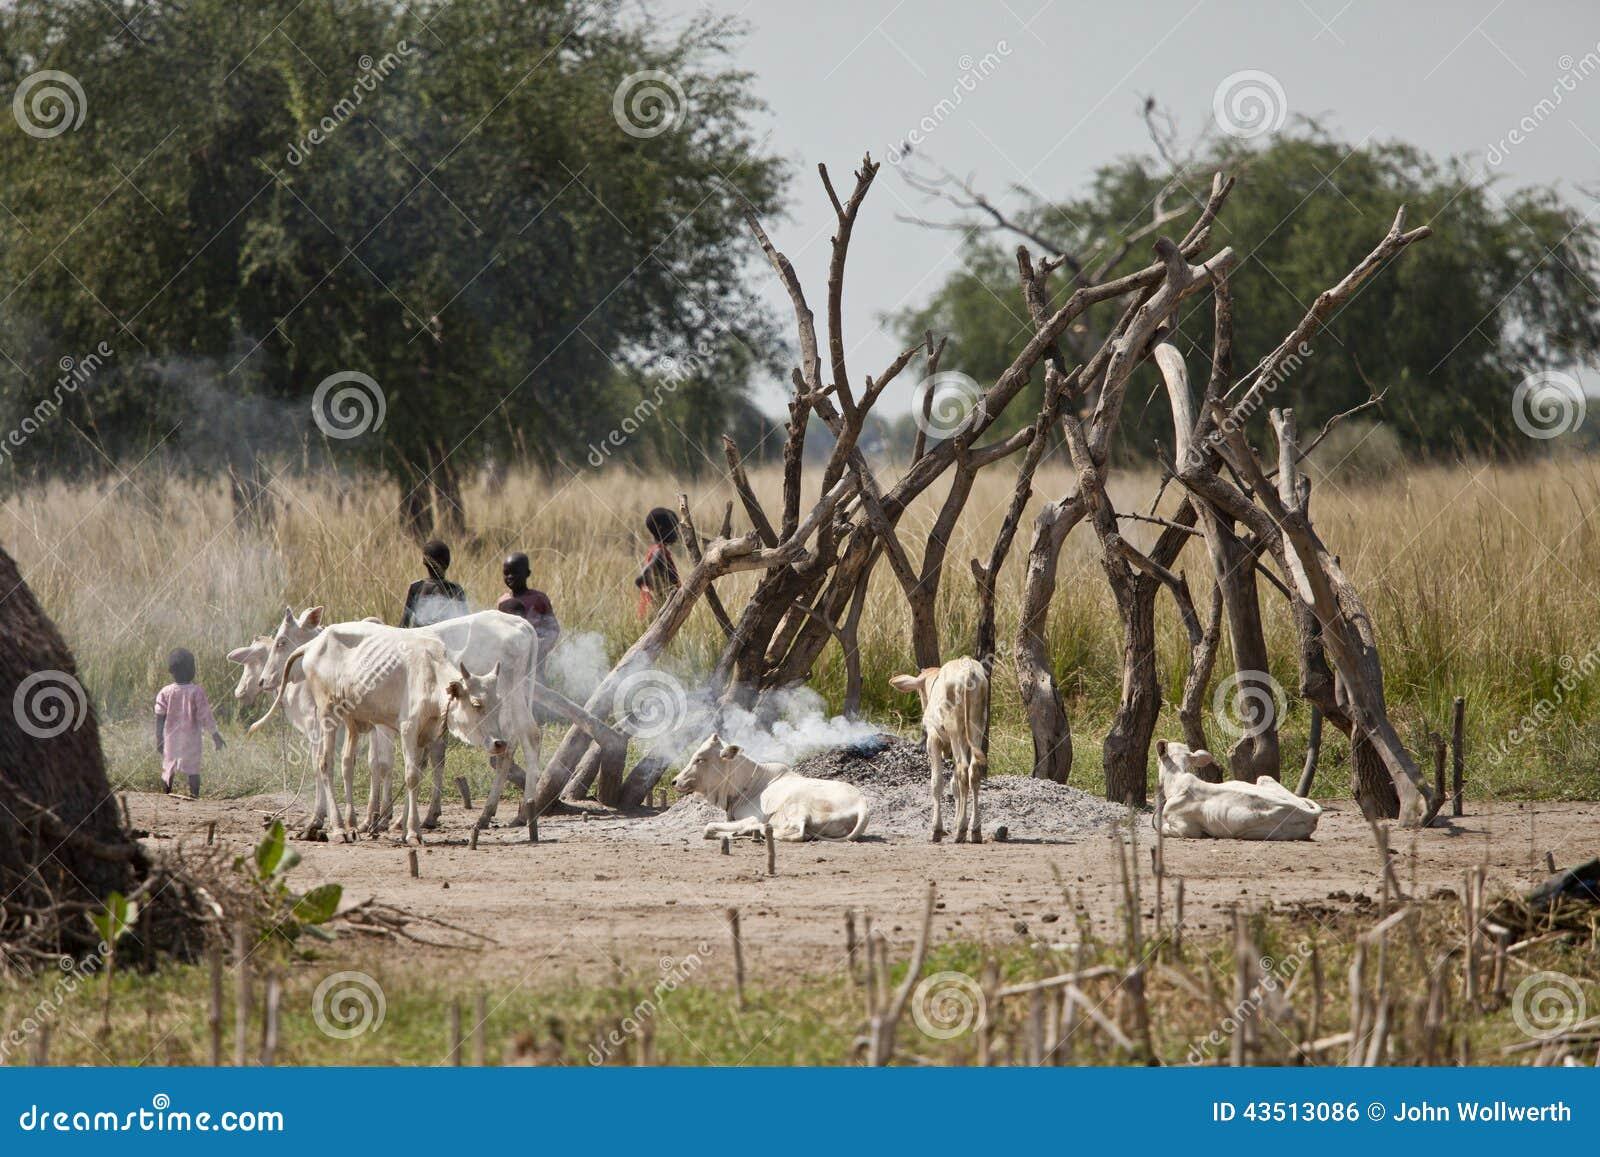 Kinder und Vieh in Süd-Sudan